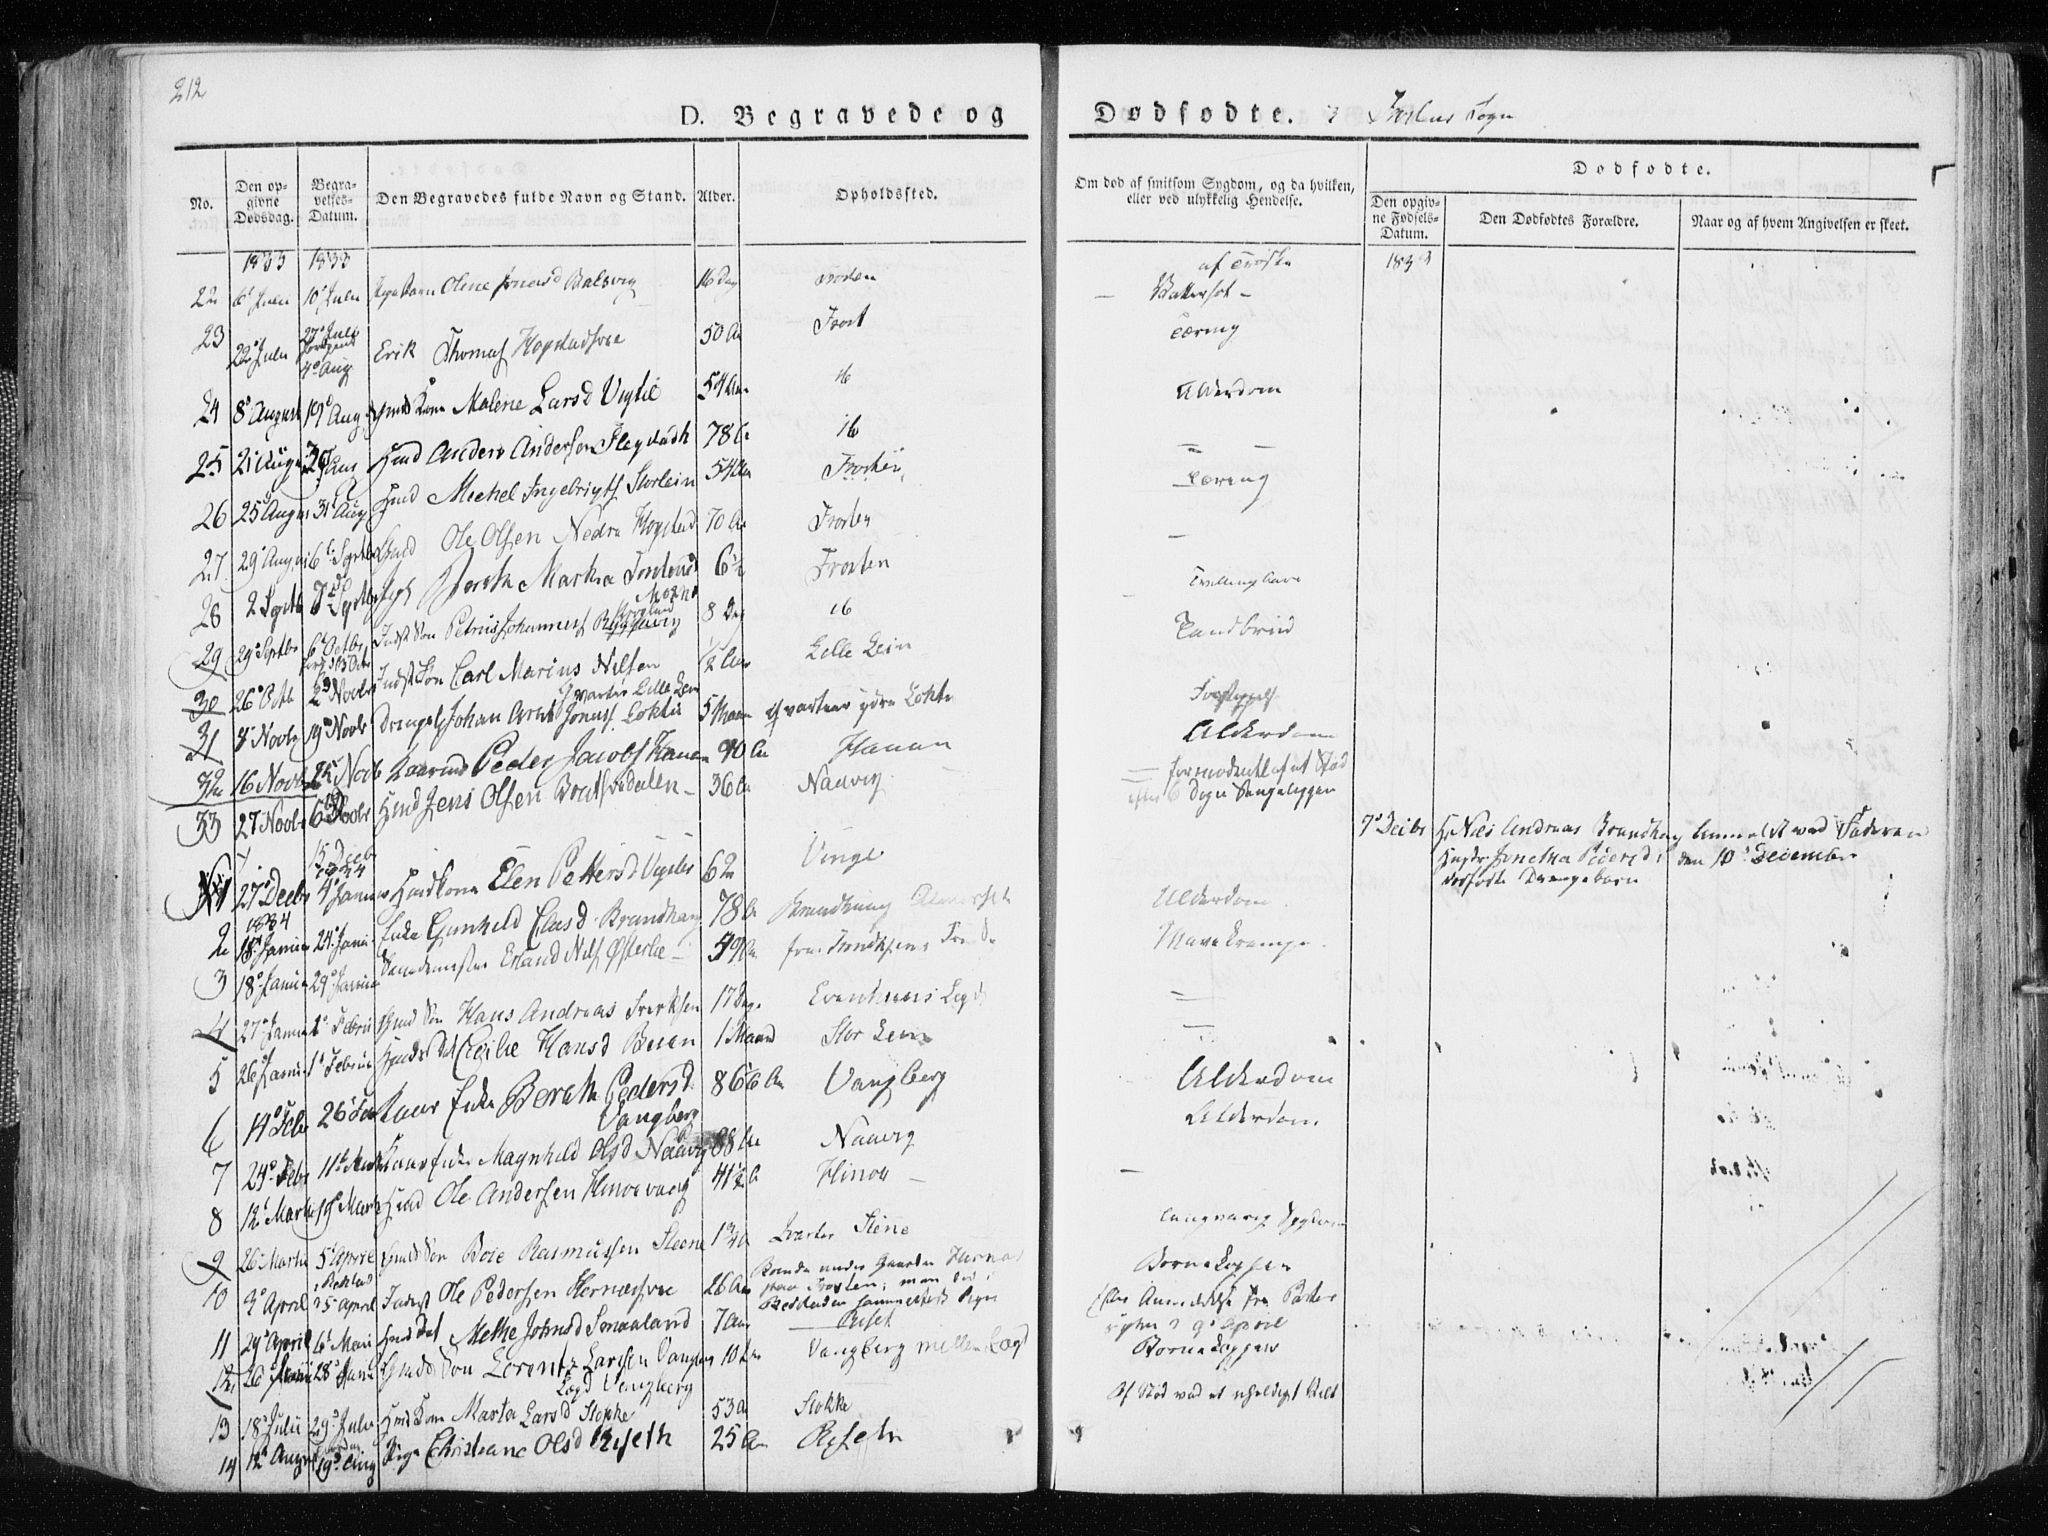 SAT, Ministerialprotokoller, klokkerbøker og fødselsregistre - Nord-Trøndelag, 713/L0114: Ministerialbok nr. 713A05, 1827-1839, s. 212